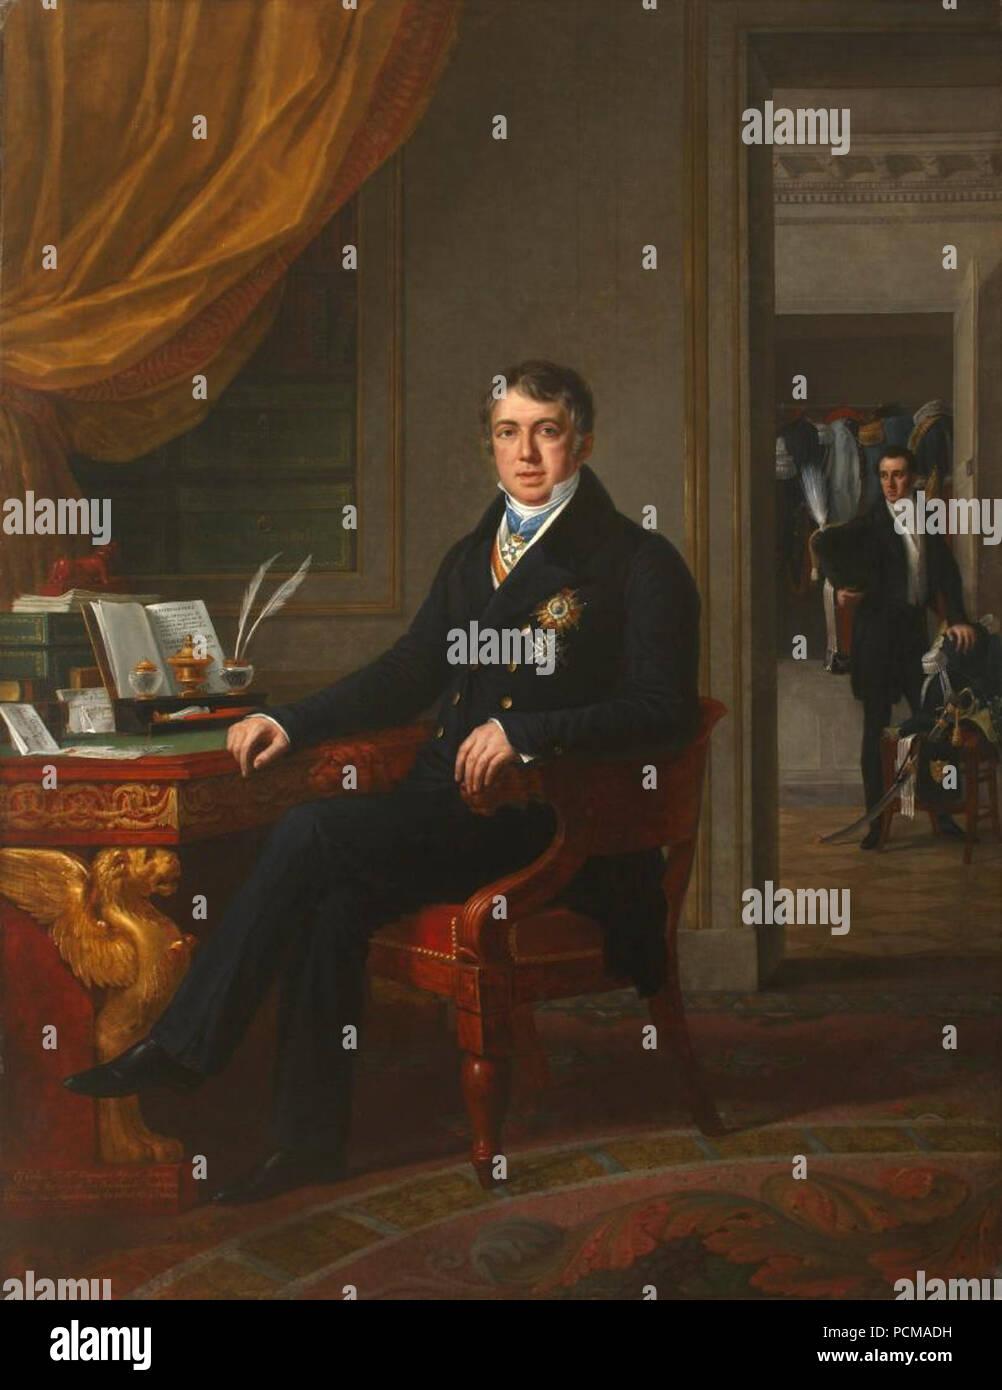 Alejandro Aguado, Marqués de Las Marismas del Guadalquivir (Museo del Romanticismo de Madrid). Immagini Stock